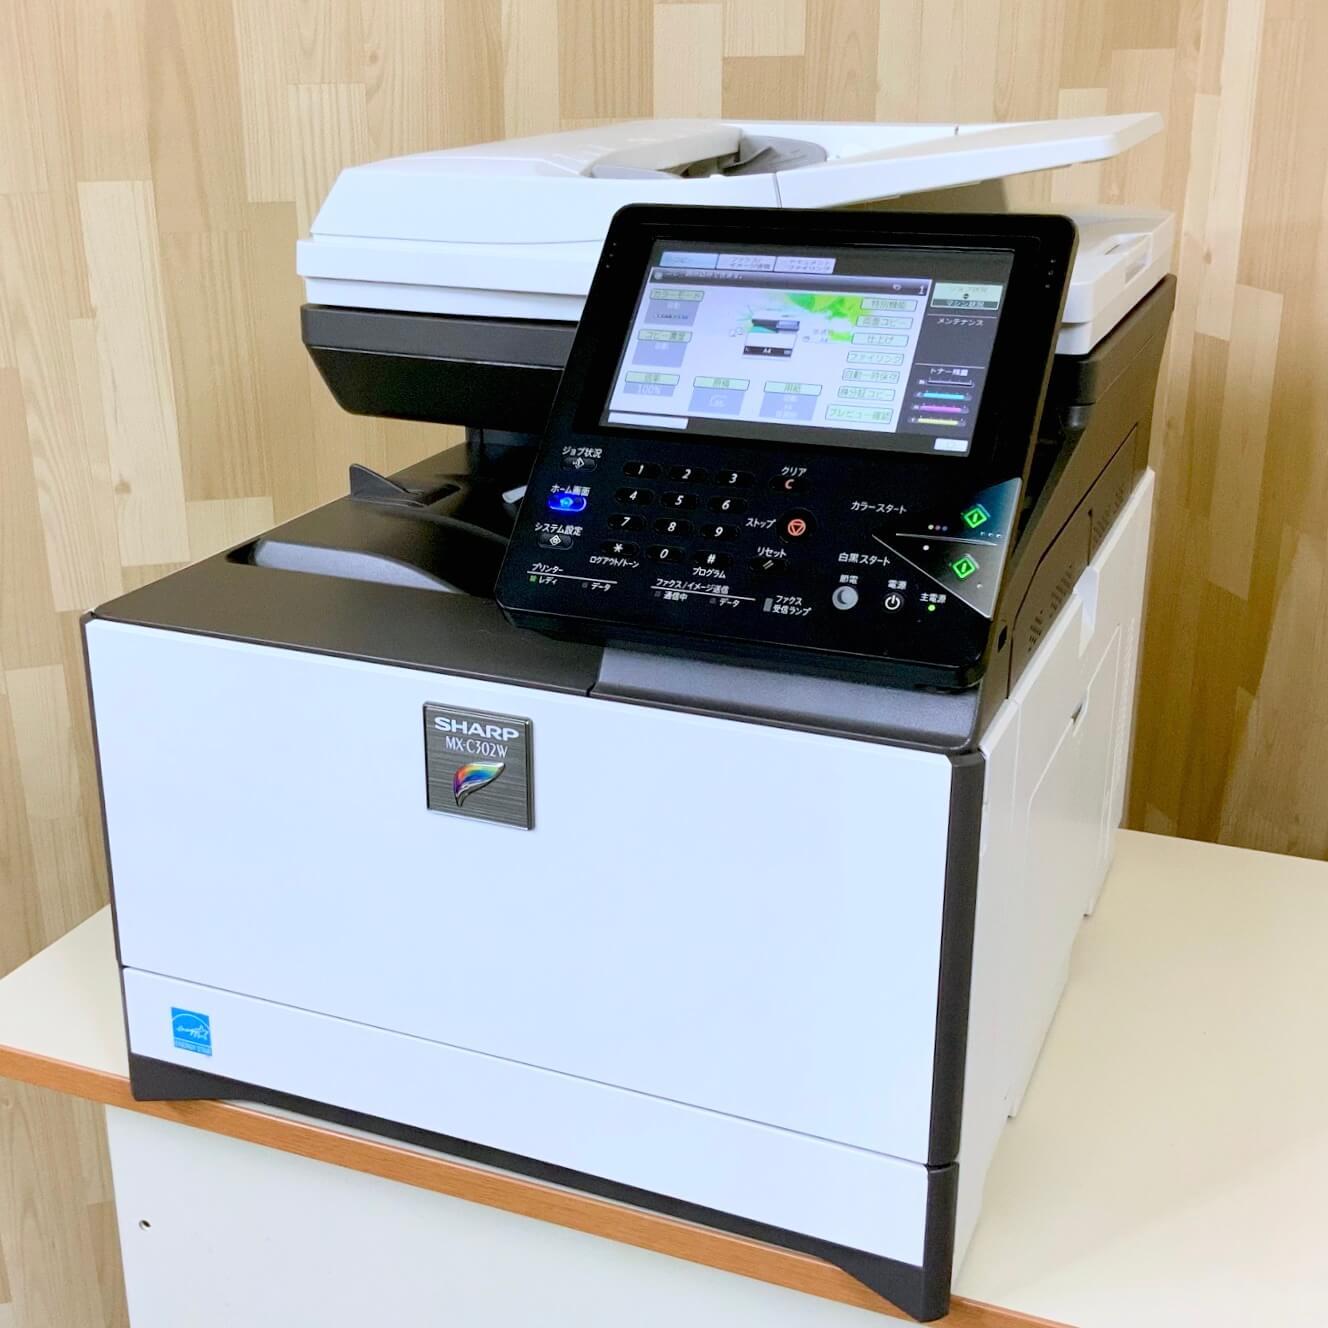 MX-C302W(SHARP)A4卓上・業務用中古カラー複合機・Mac・無線LAN対応【コピヤス】